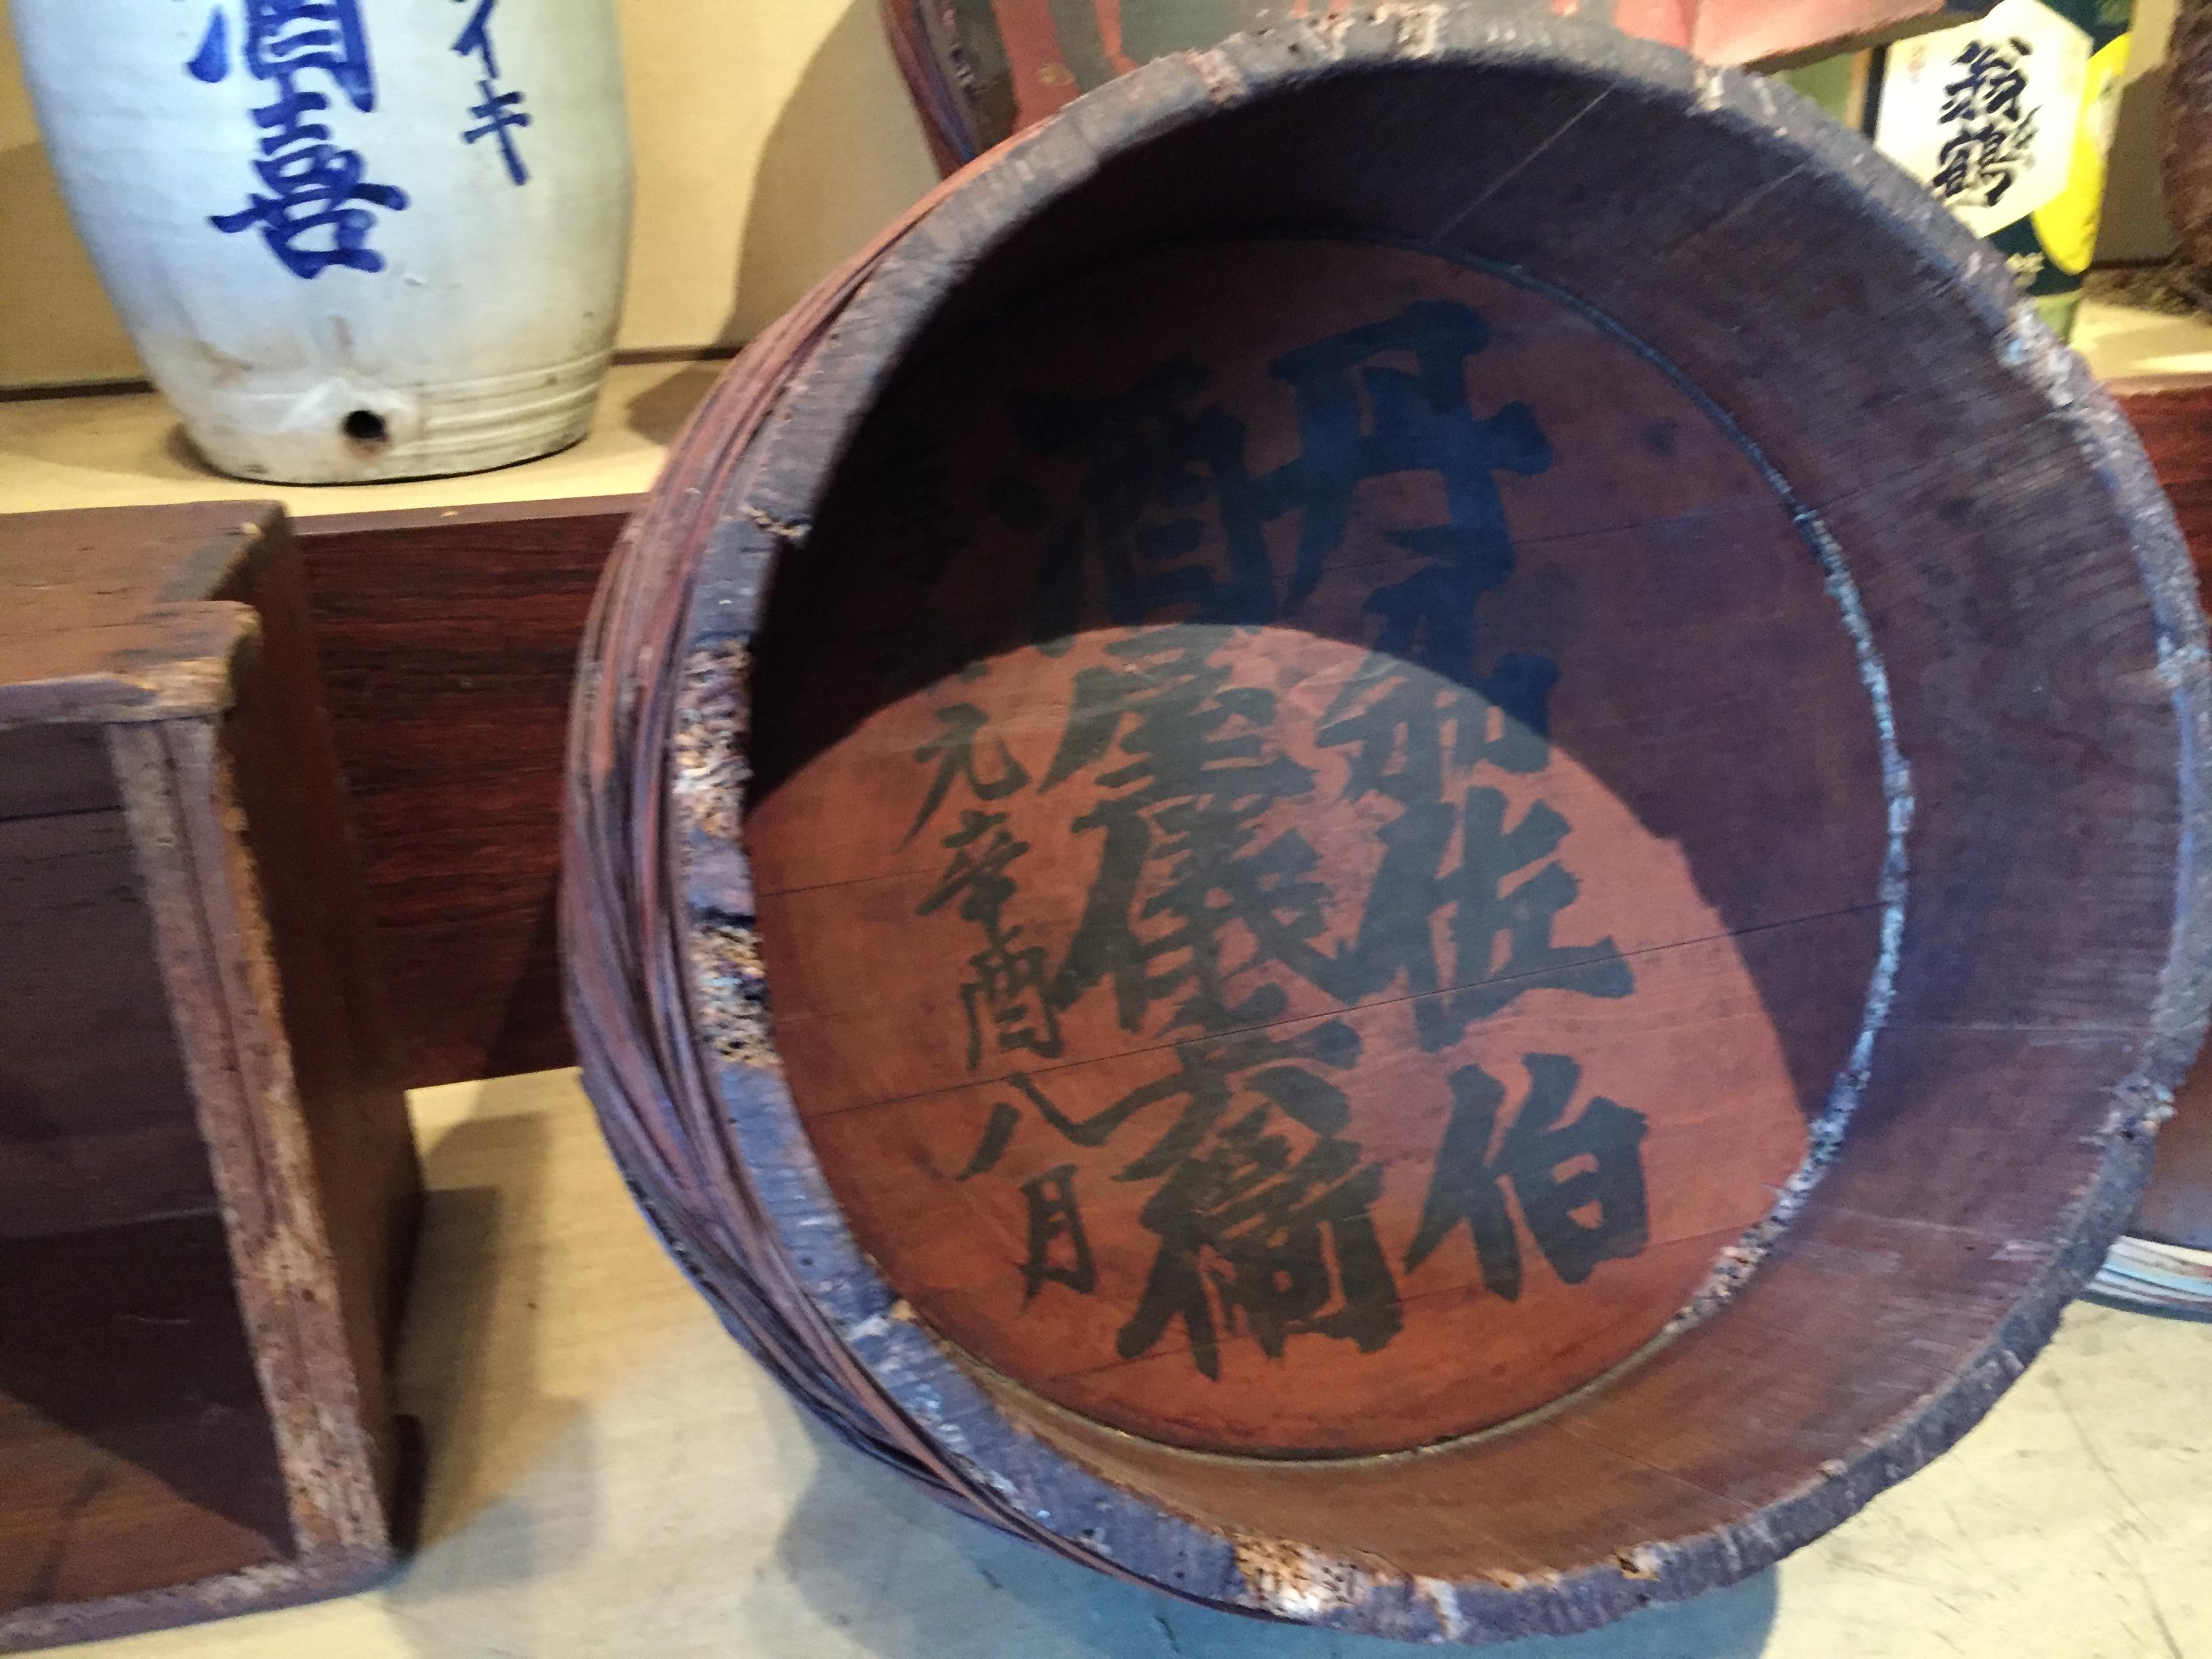 酒蔵見学のあとは利き酒できゅっと一杯!大石酒造丹波路酒の館に行ってきました!